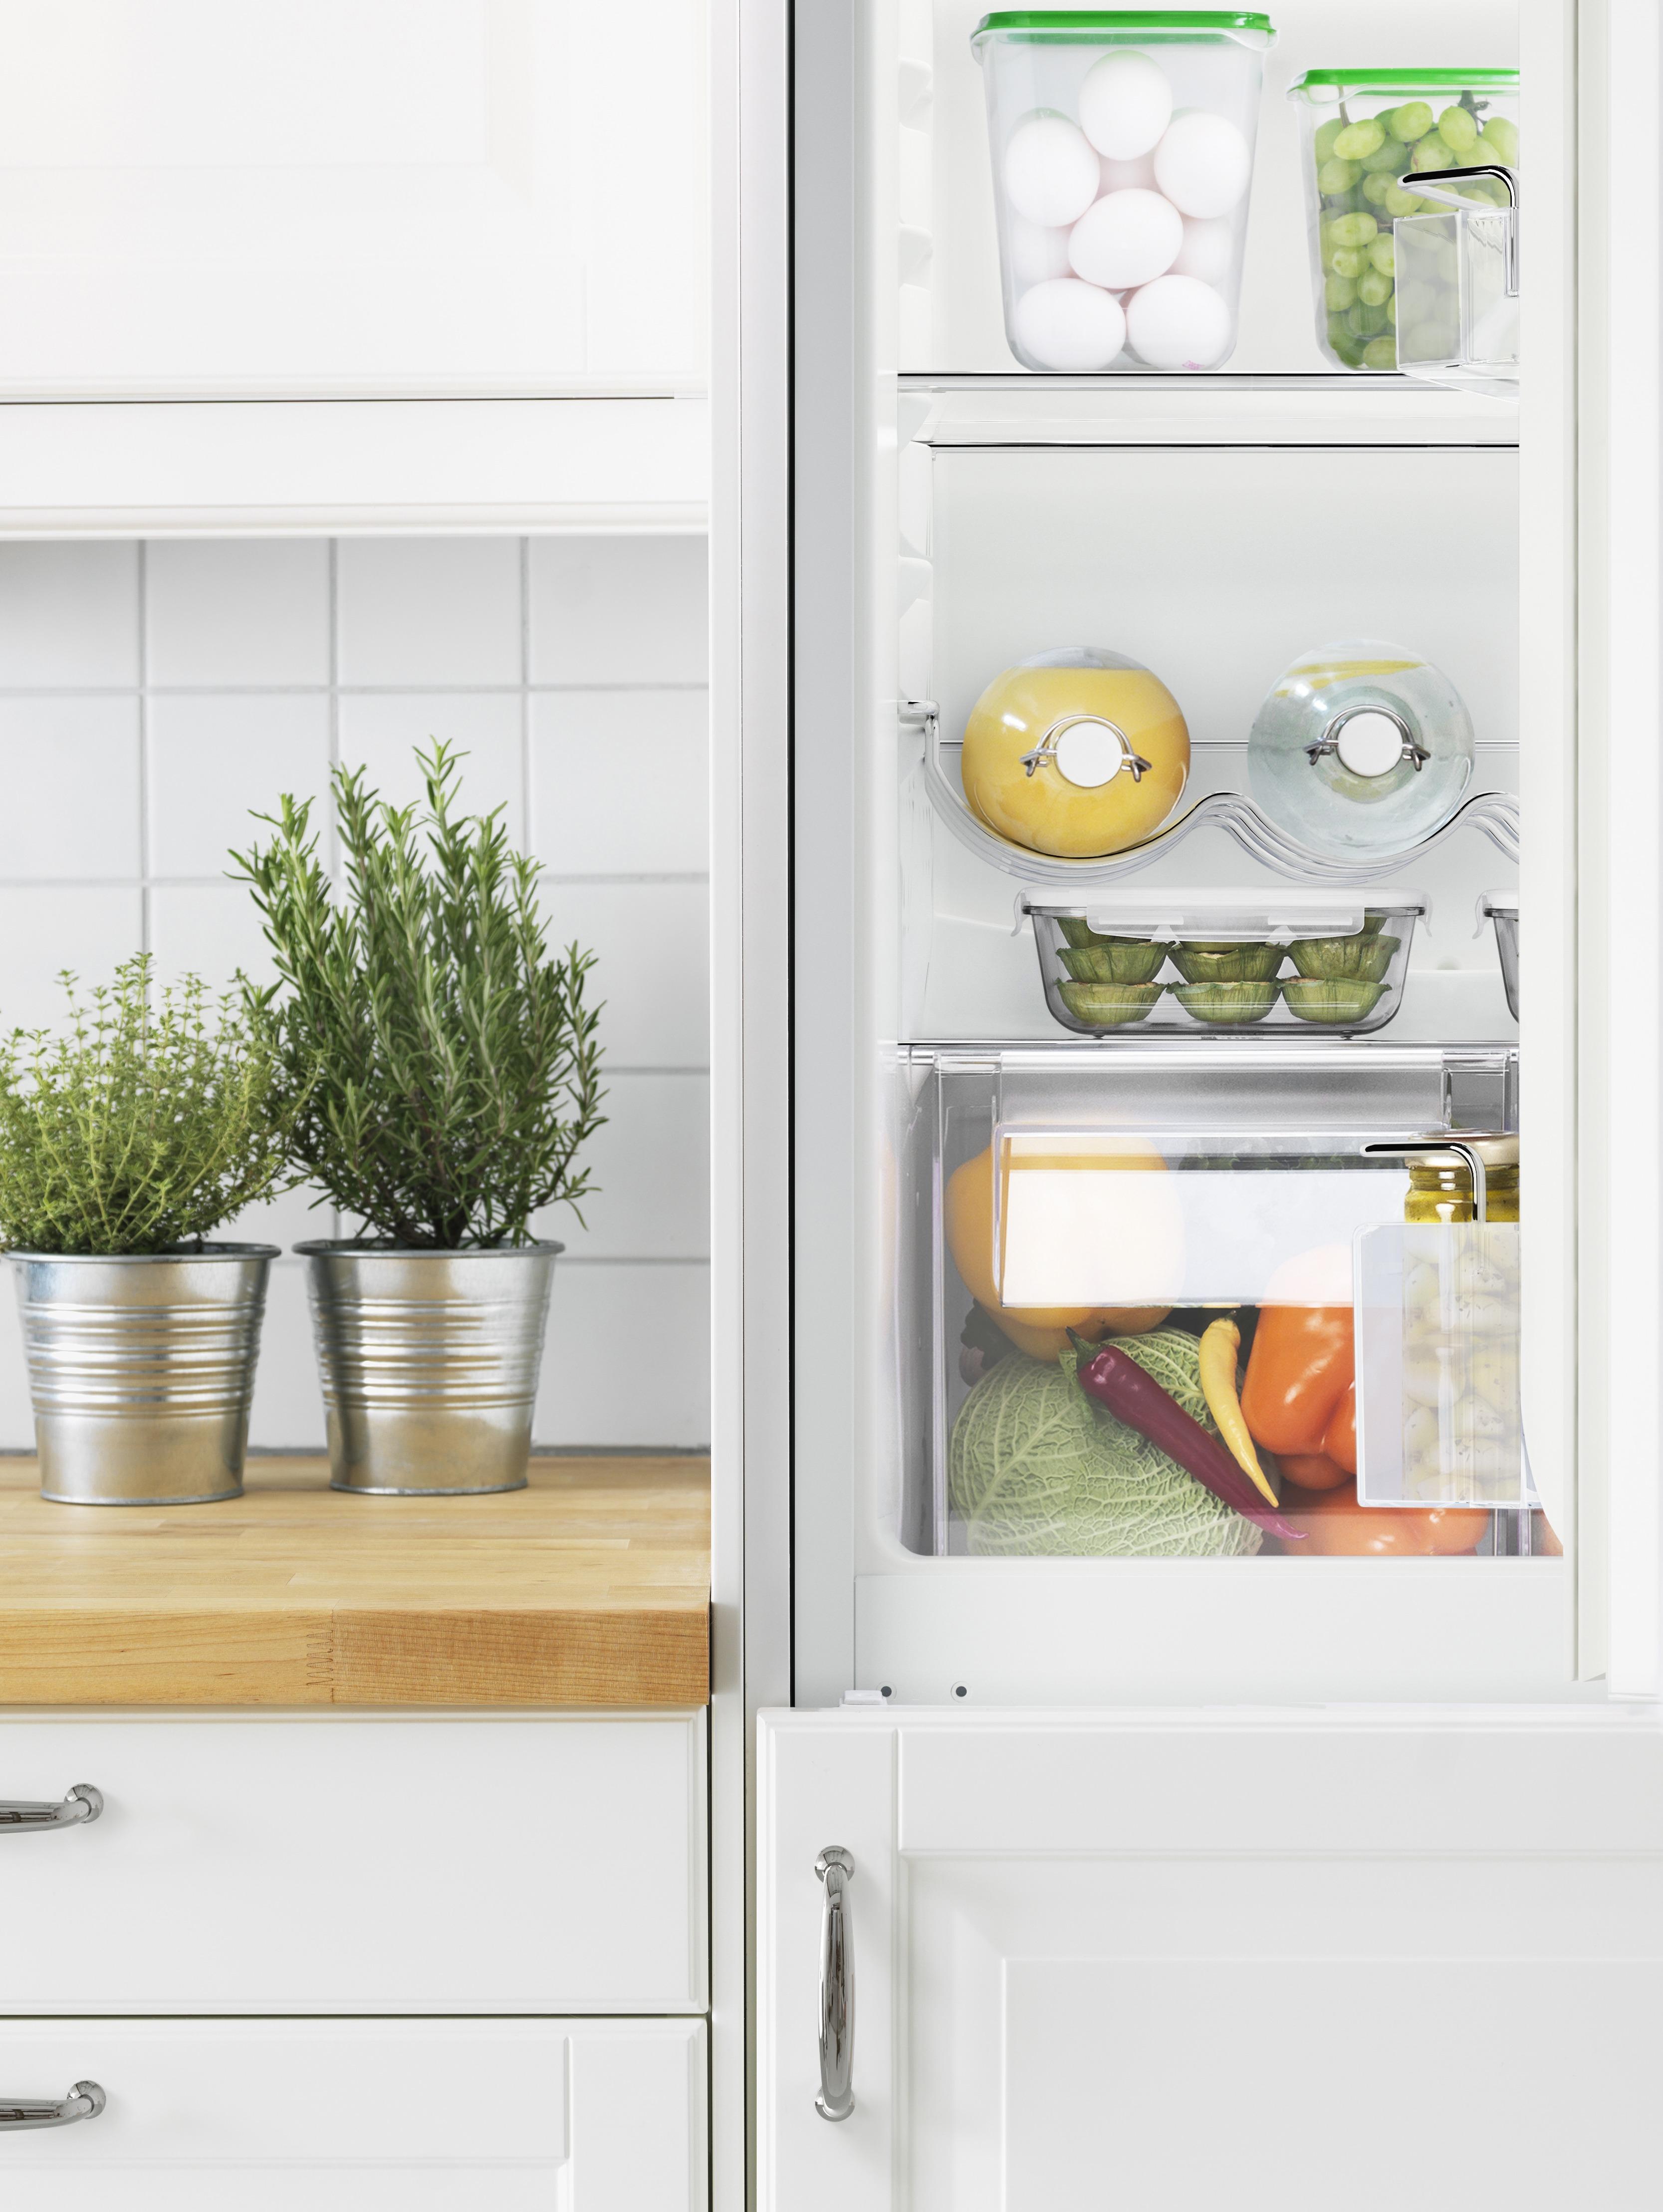 Un réfrigérateur / congélateur ISANDE ouvert révélant des étagères soigneusement empilées.